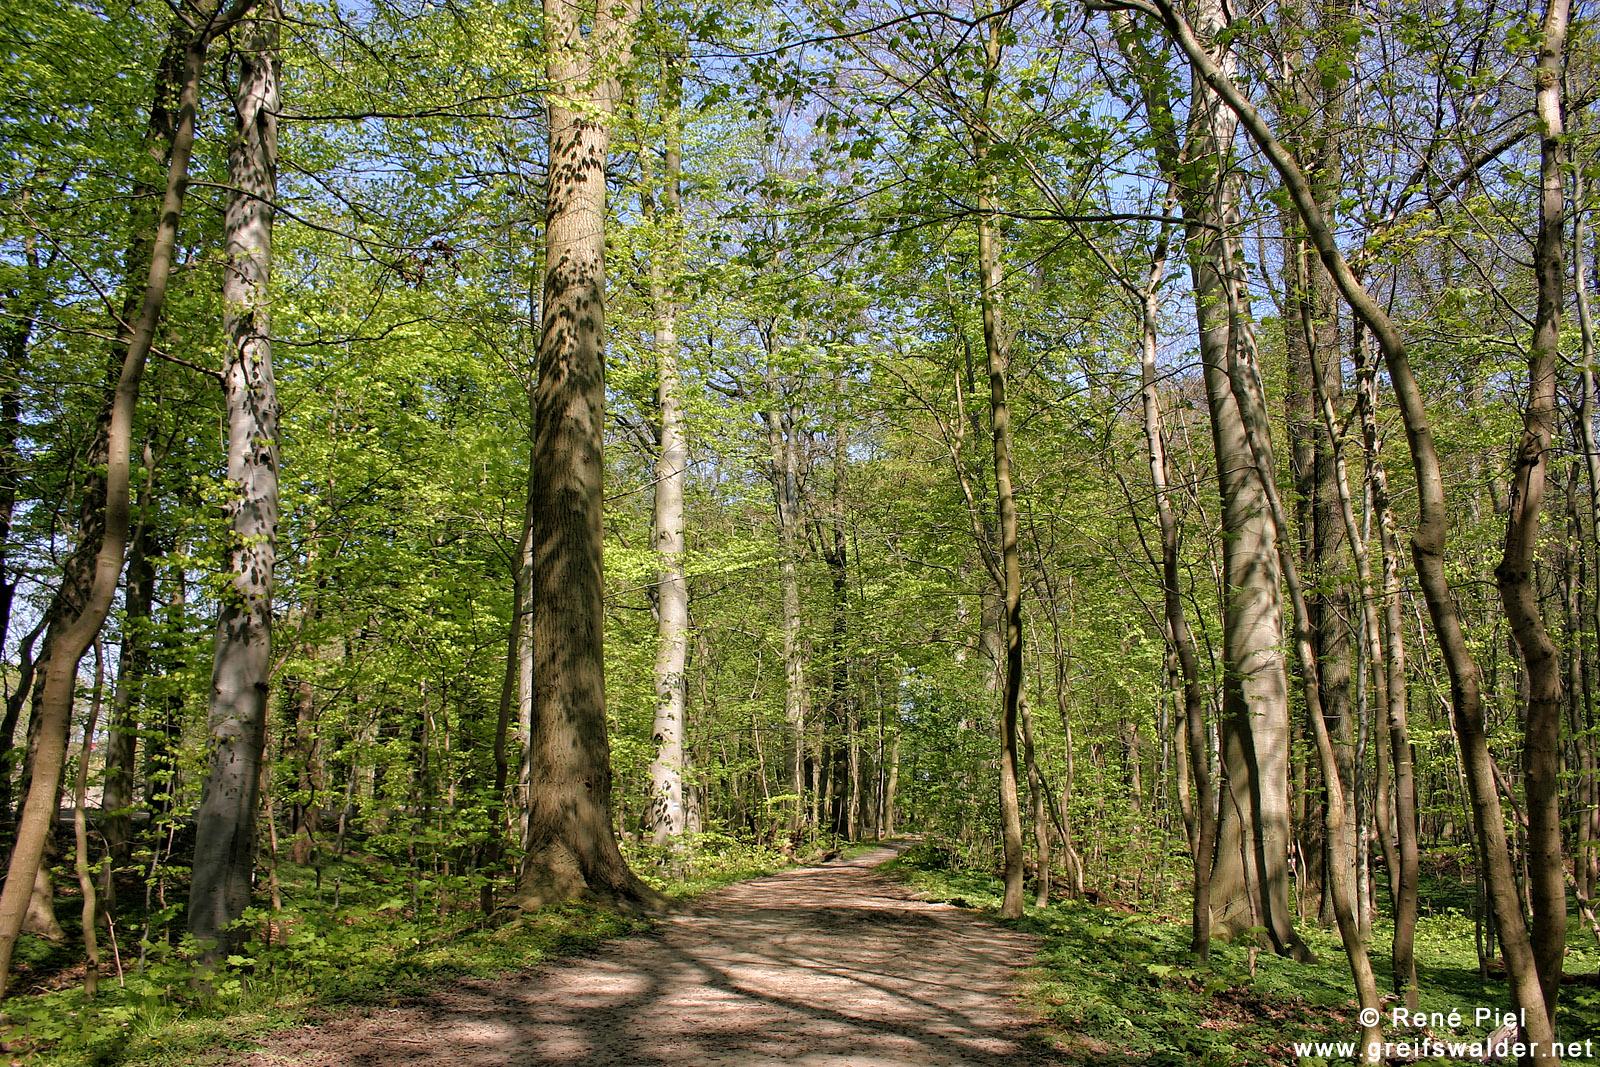 Elisenhain im Naturschutzgebiet Eldena